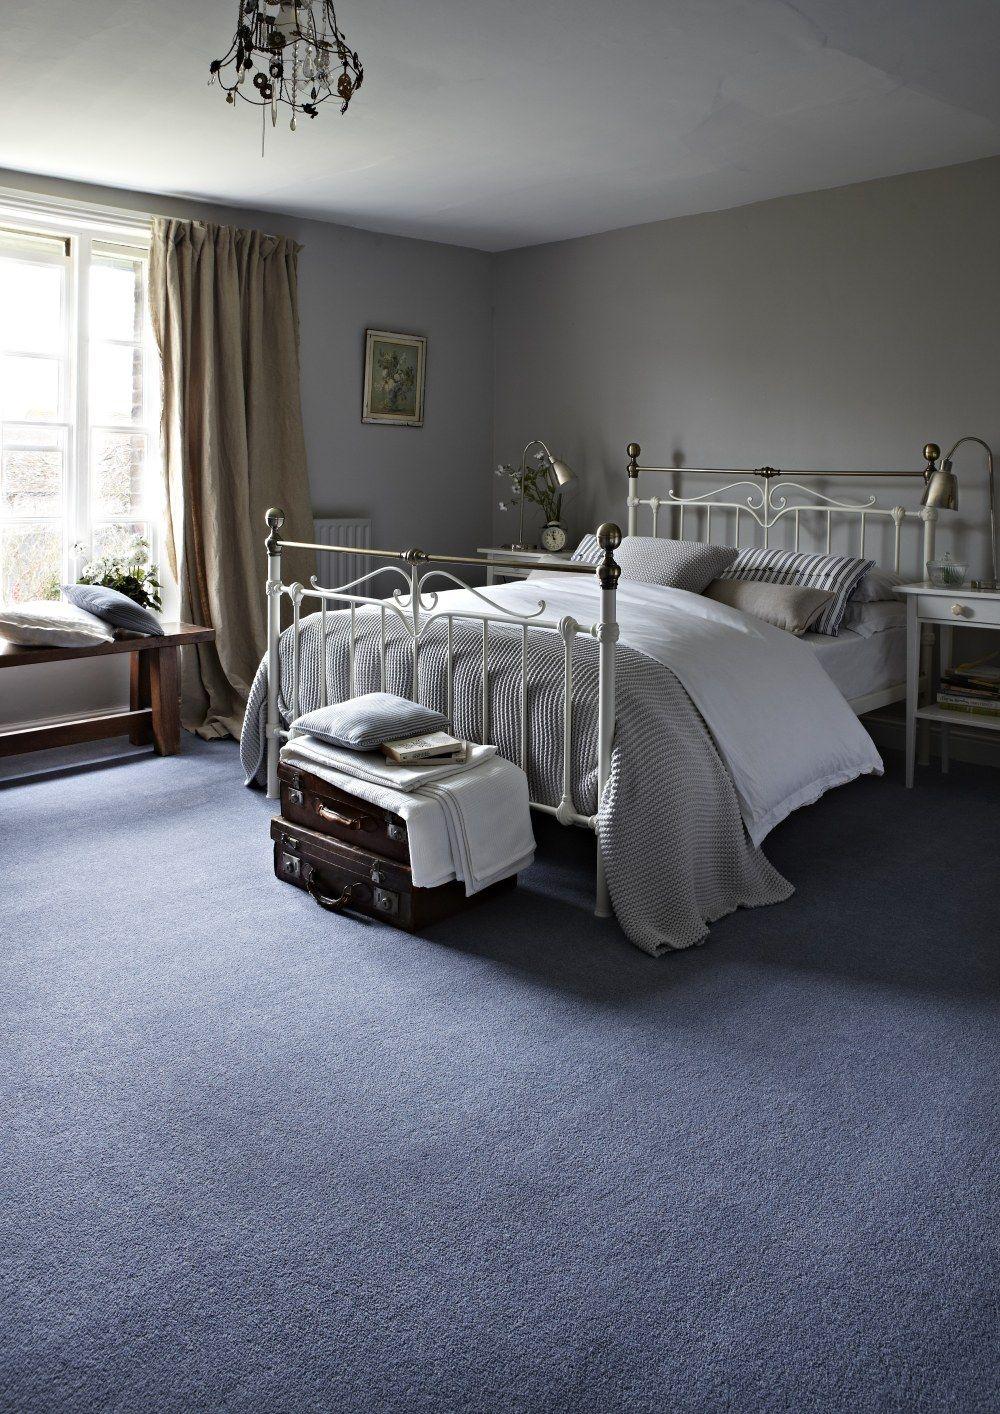 A Stylish Metal Bed Frame For Your Vintage Bedroom Needs Bedroom Interior Design Style Vintage Blue Blue Carpet Bedroom Bedroom Vintage Metal Bed Frame